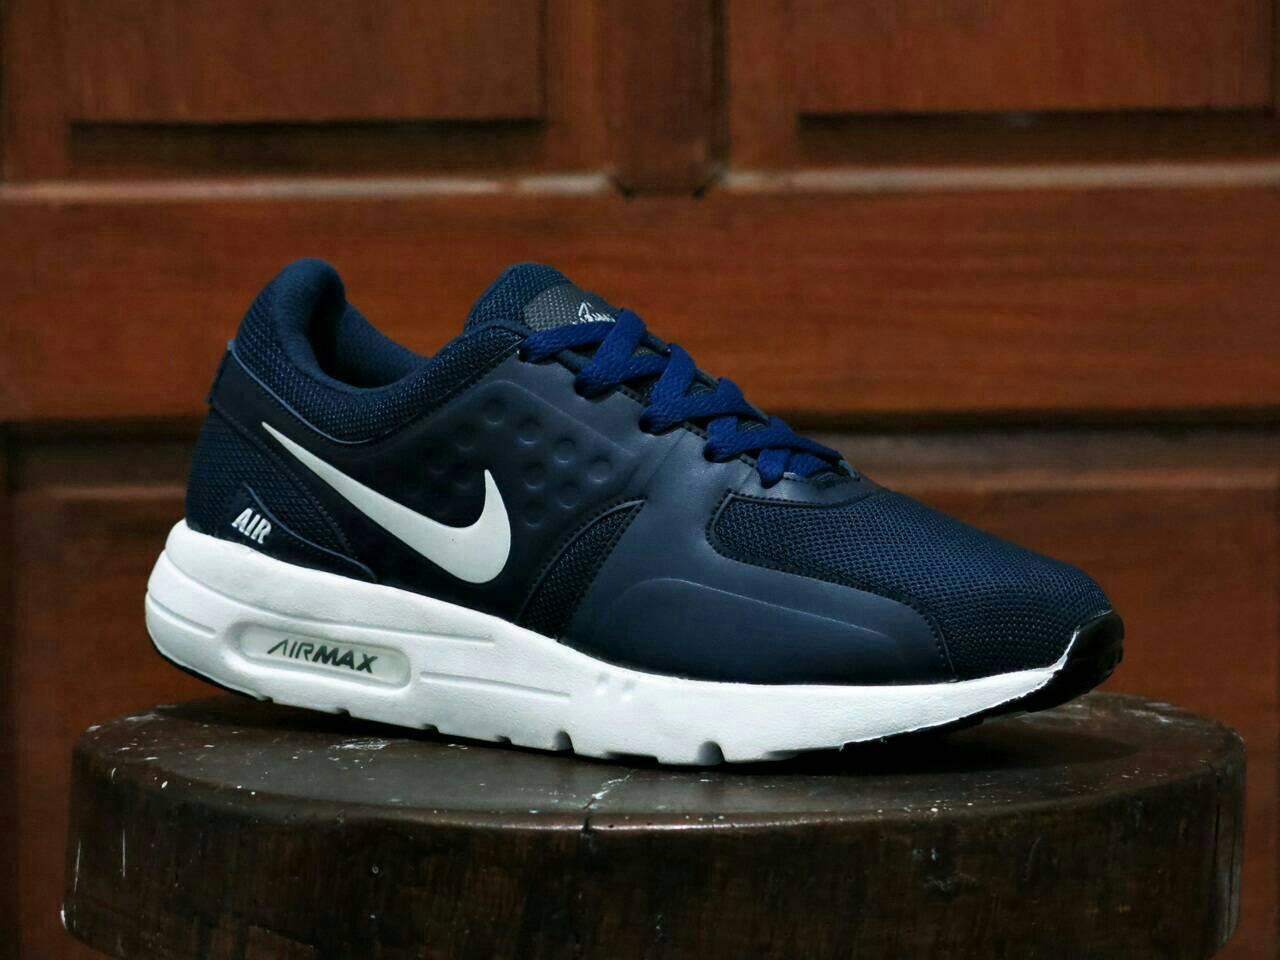 Jual Sepatu Kets Nike Airmax Zero Biru Dongker Strip Putih Bakoel Sport Olahraga Casual Wanita Tokopedia